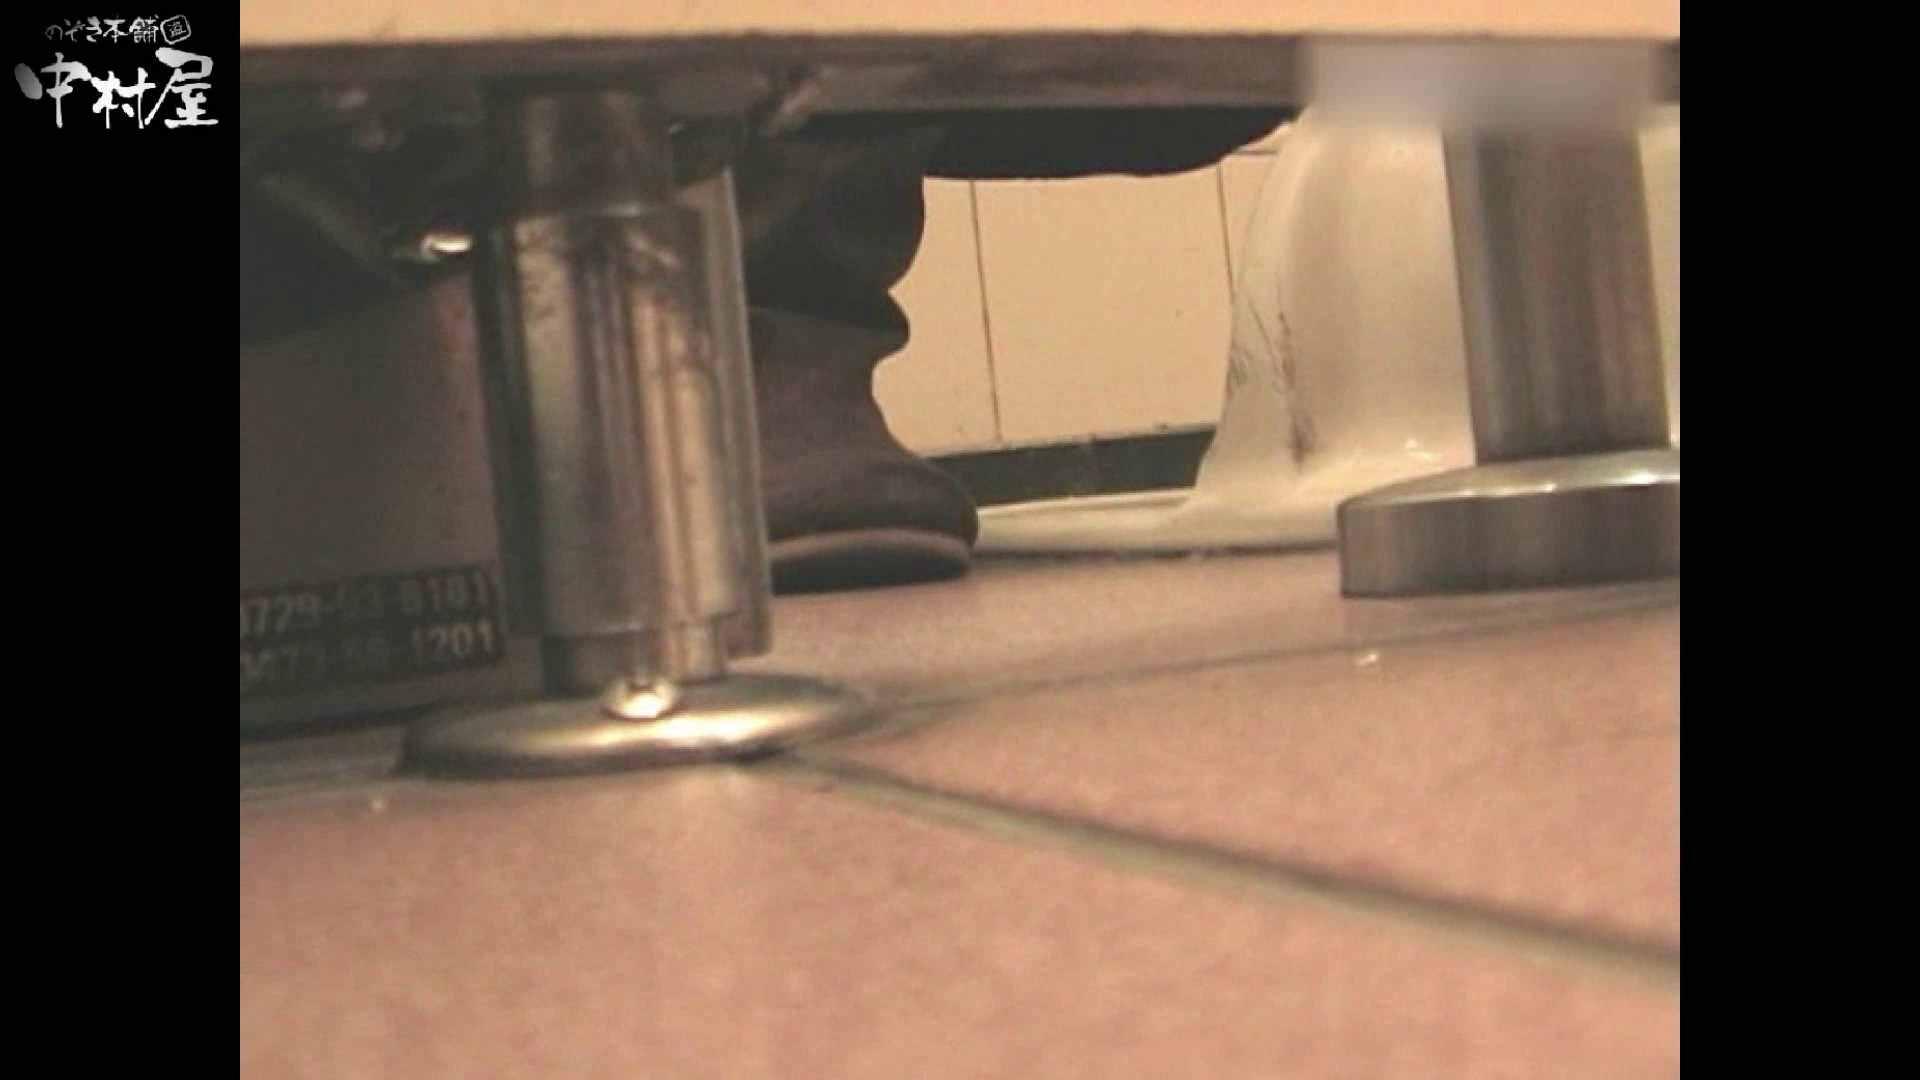 岩手県在住盗撮師盗撮記録vol.09 HなOL アダルト動画キャプチャ 110pic 11